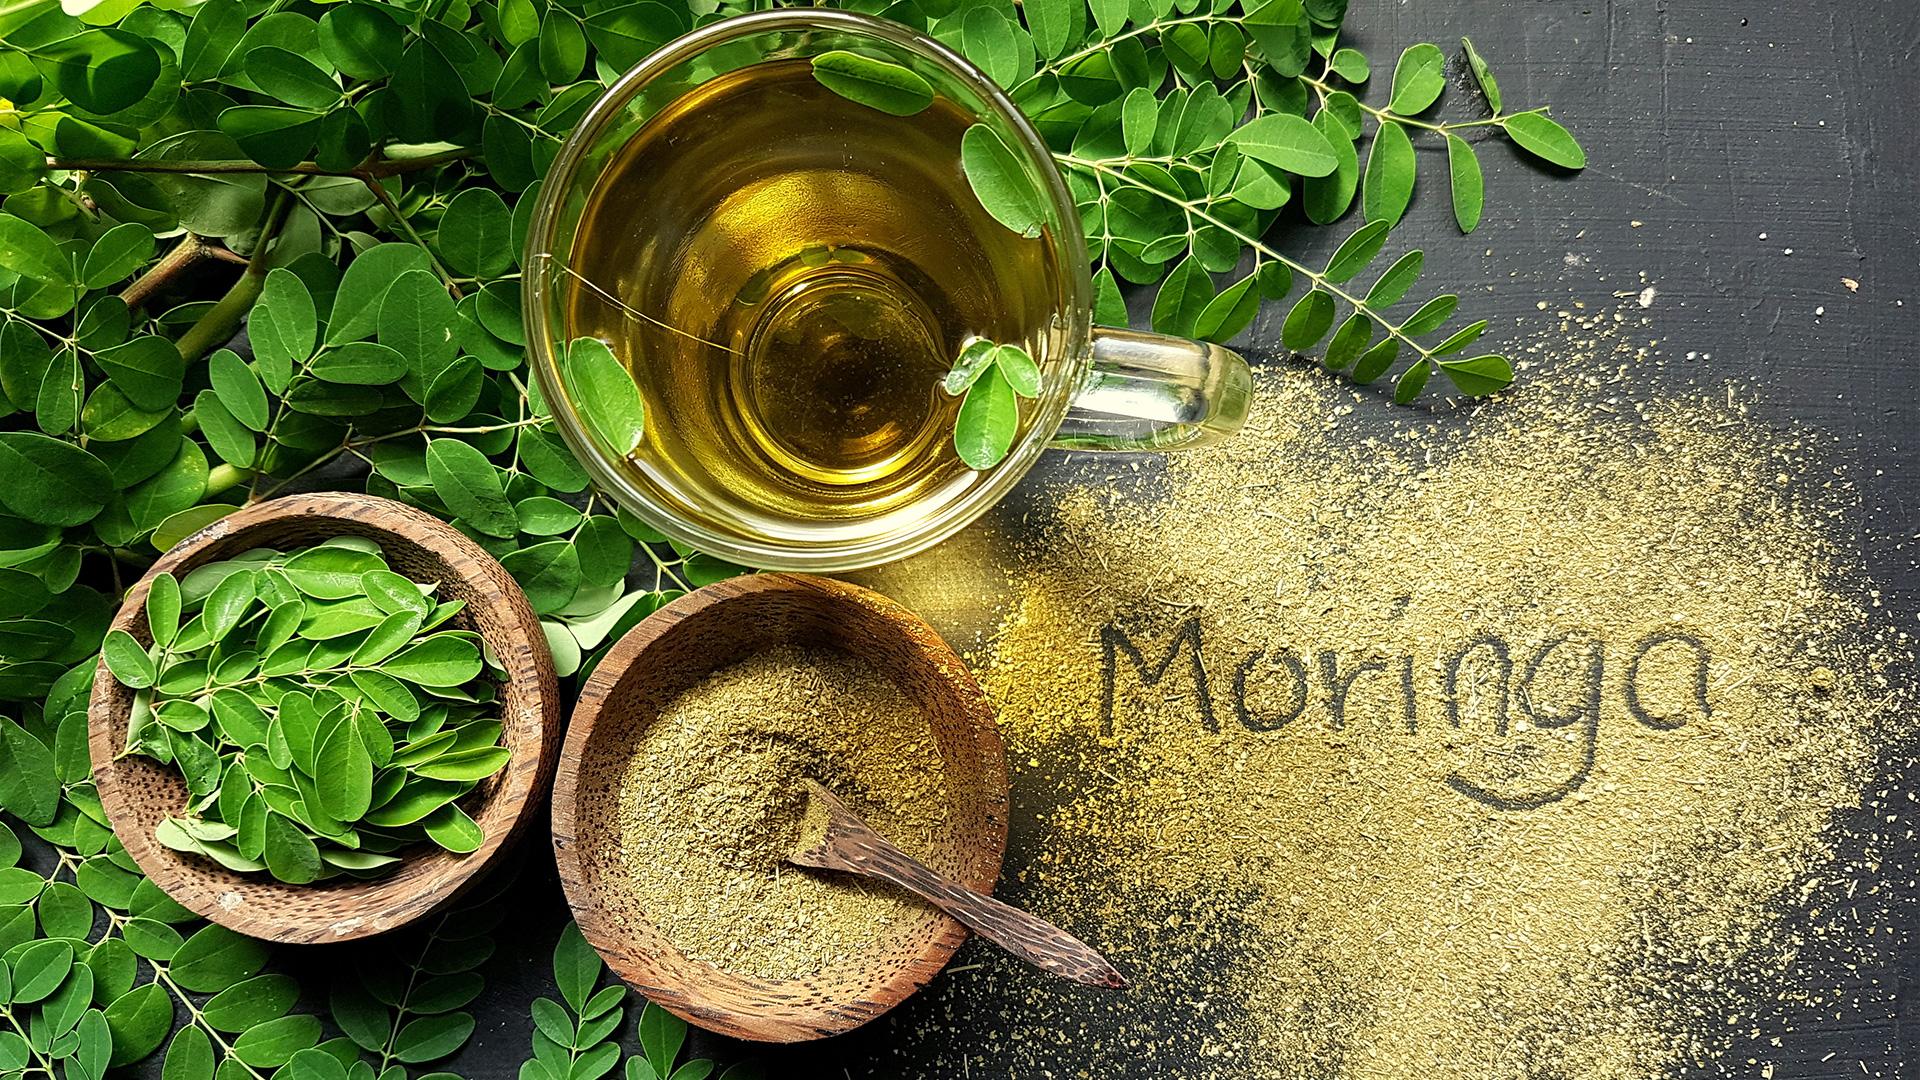 Moringa-superfood-why-is-moringa-good-for-health.jpg